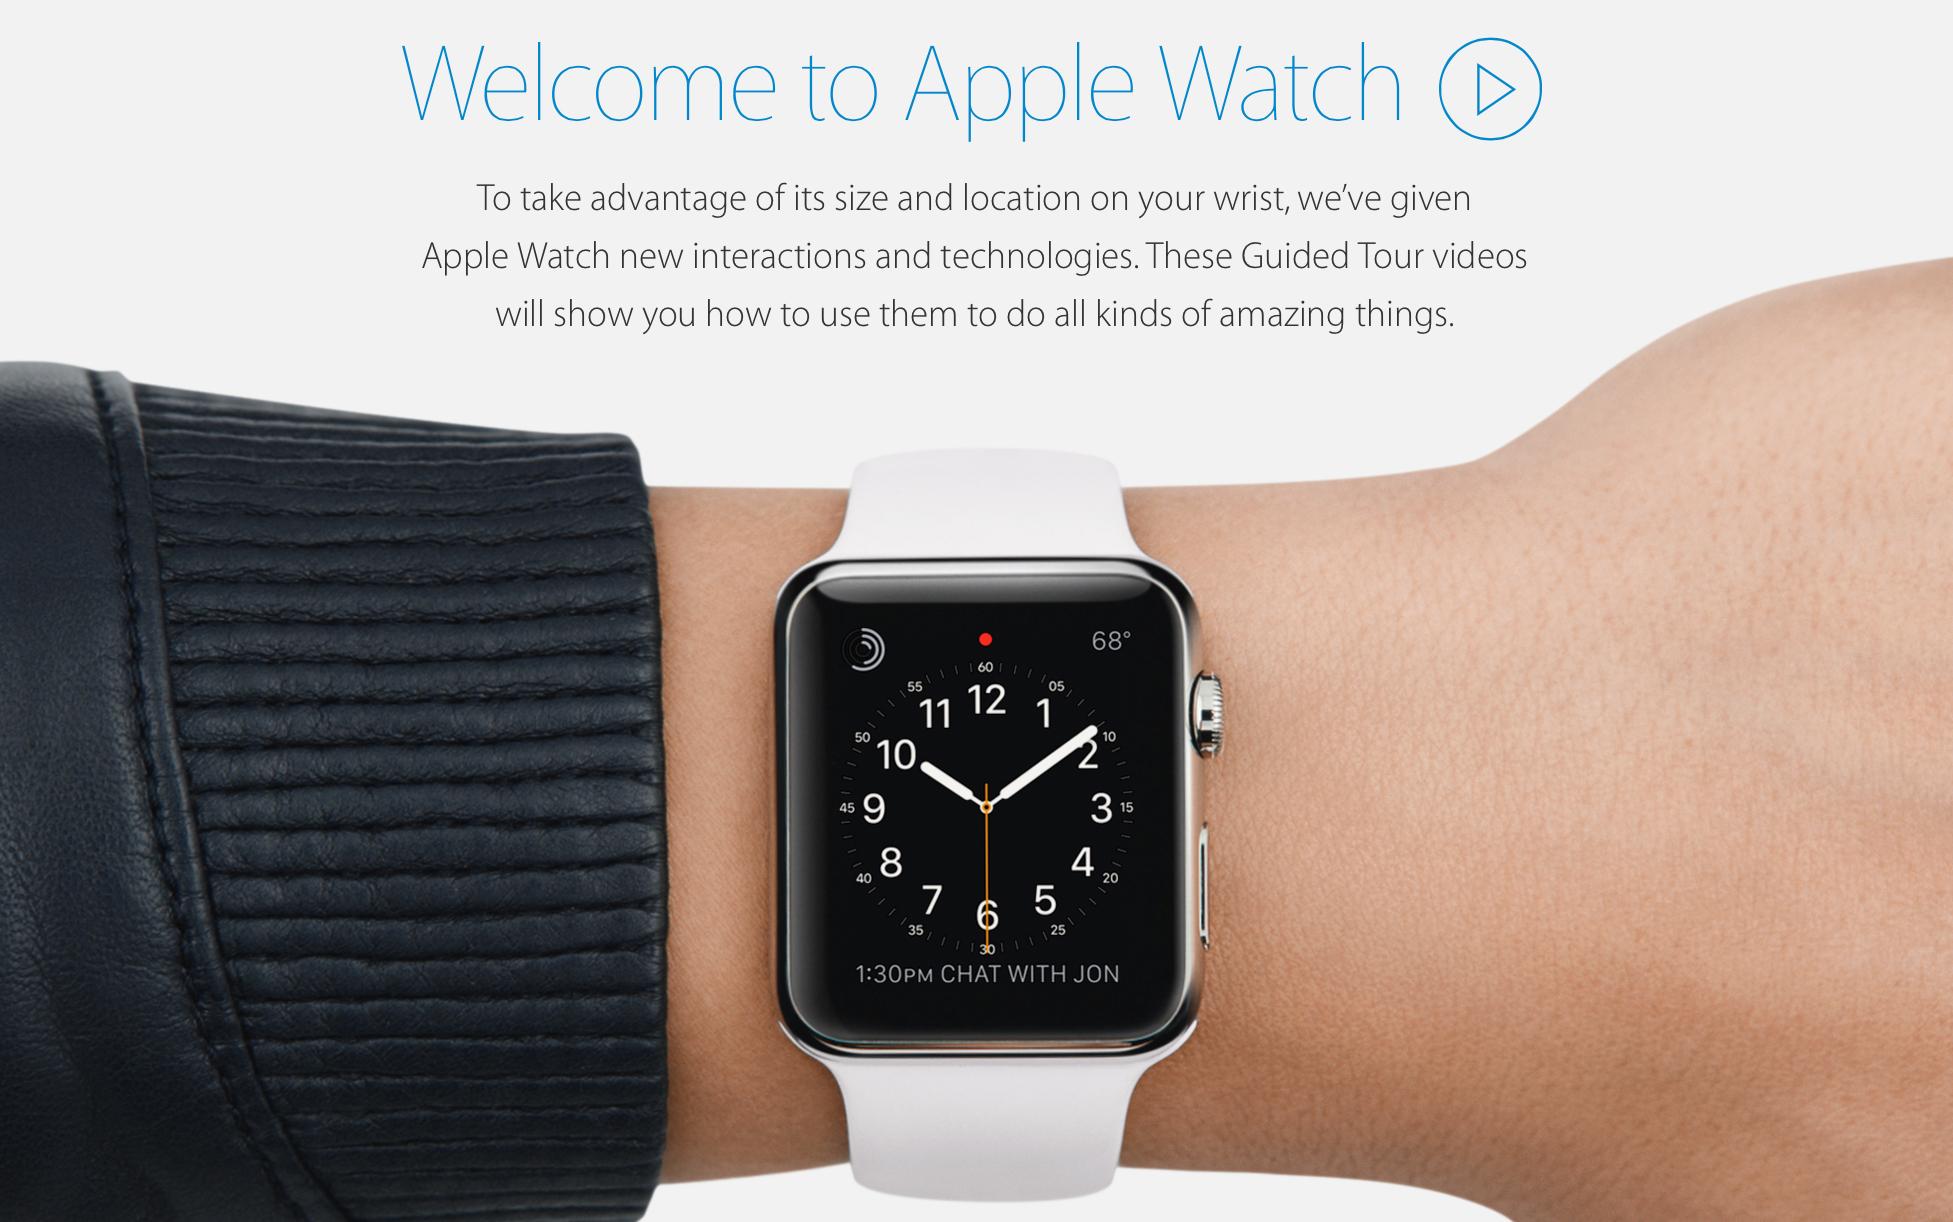 Apple Watch Tours Apple nous apprend à utiliser lApple Watch en vidéo